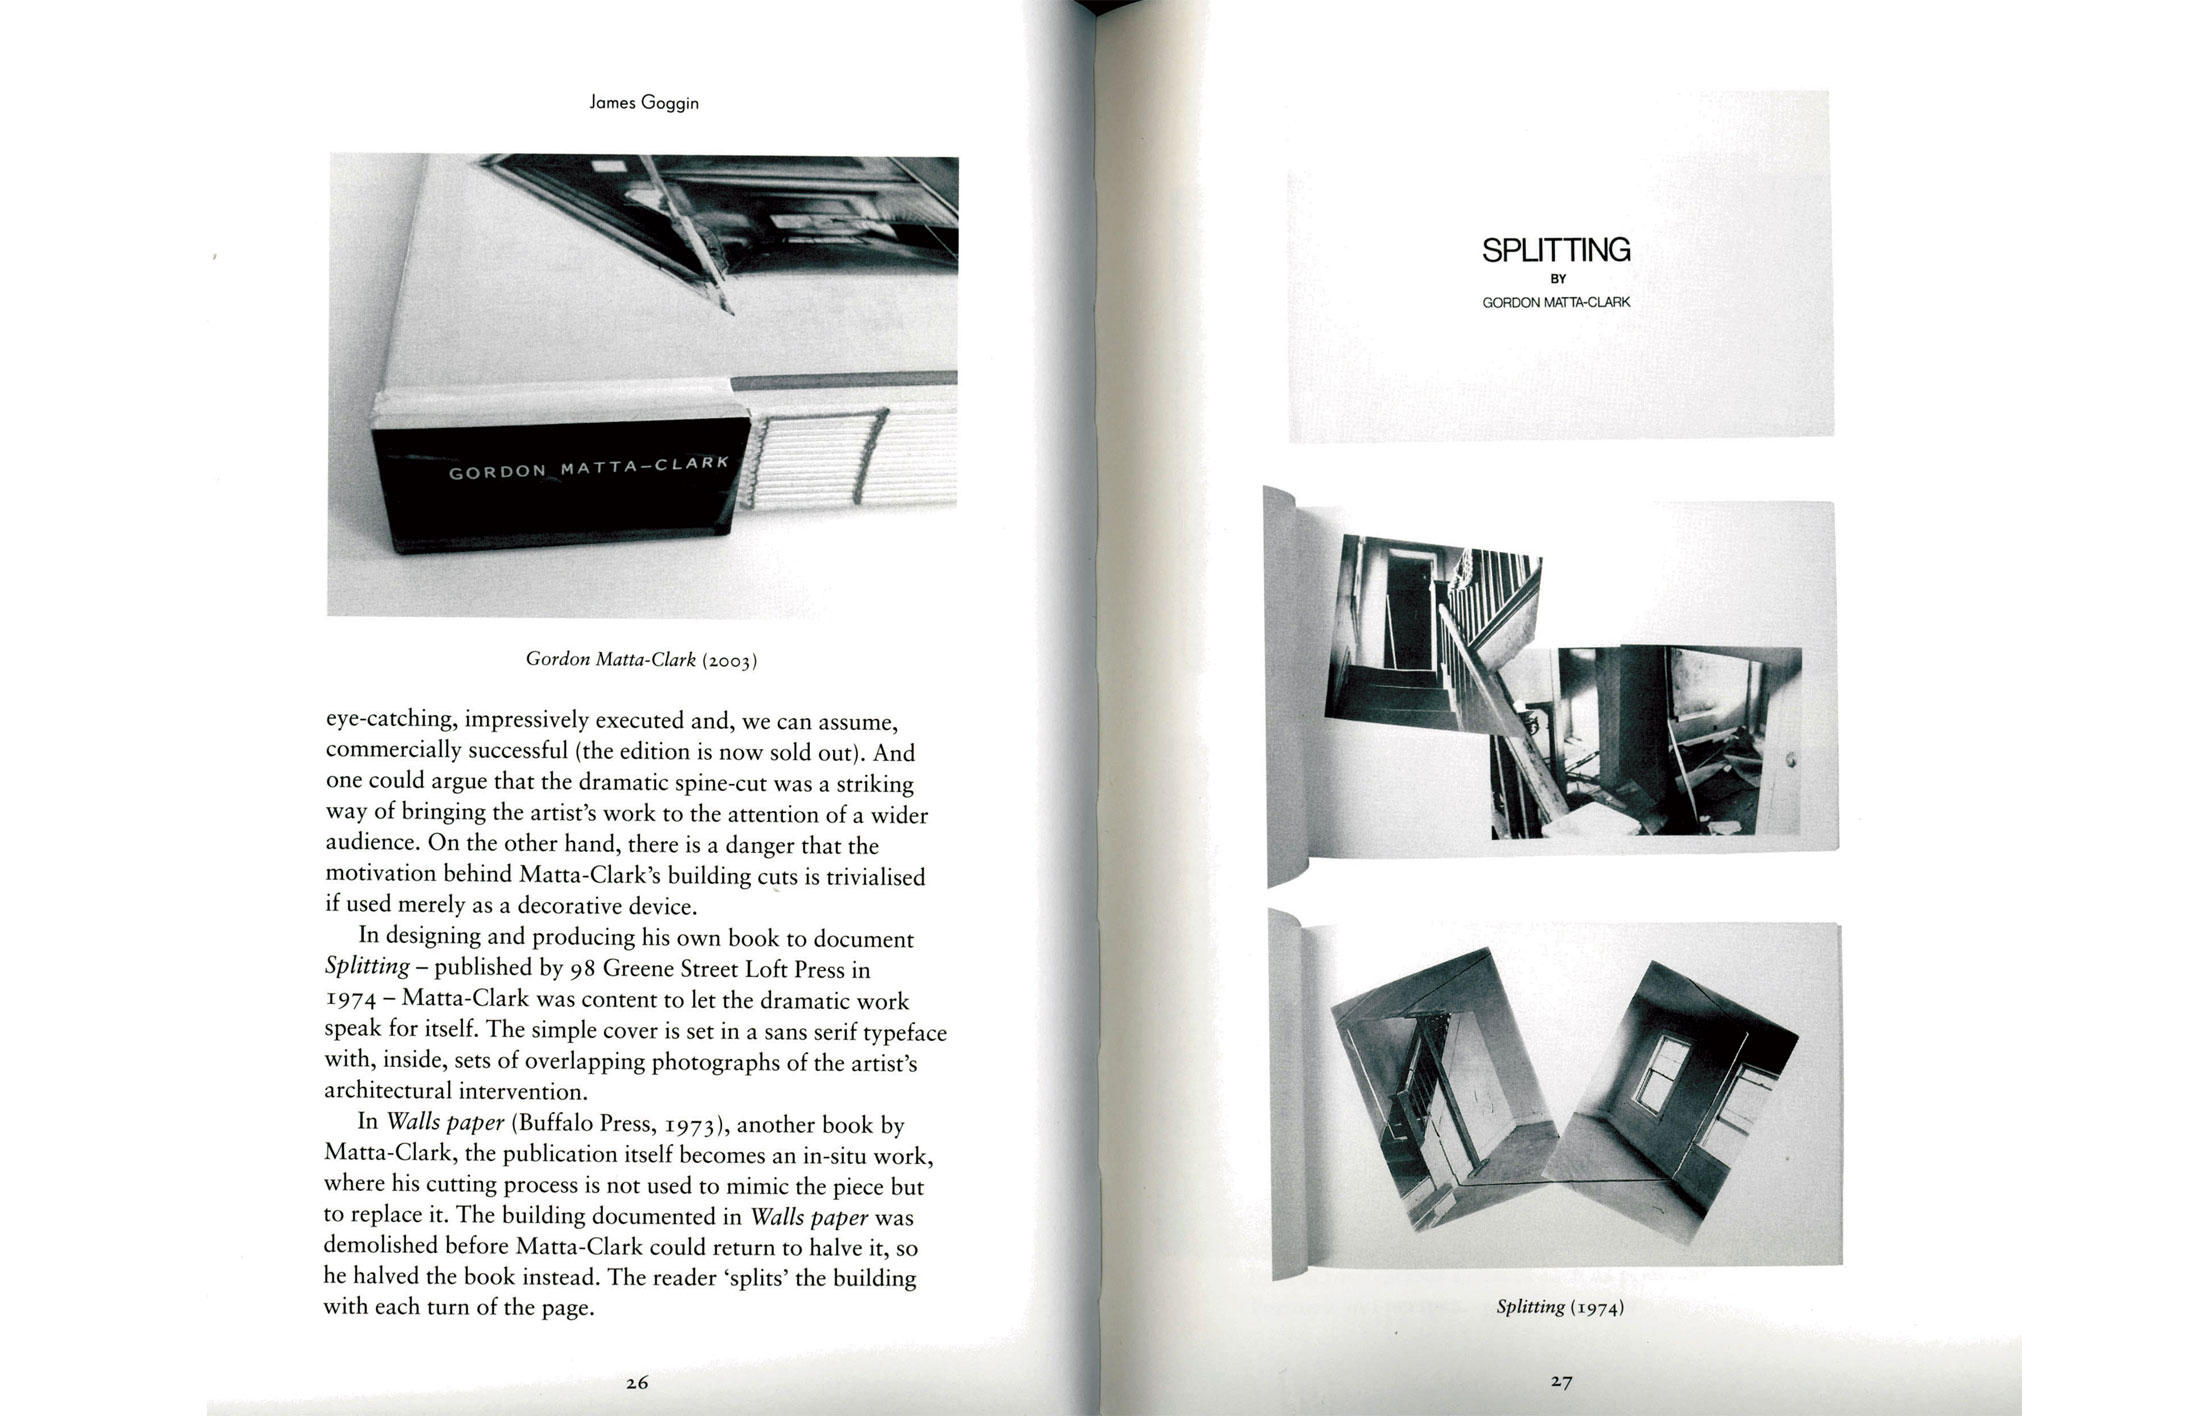 The-Matta-Clark-Complex-Materials-Interpretation-and-the-Designer-essai-James-Goggin-The-Form-of-the-Book-Book-3